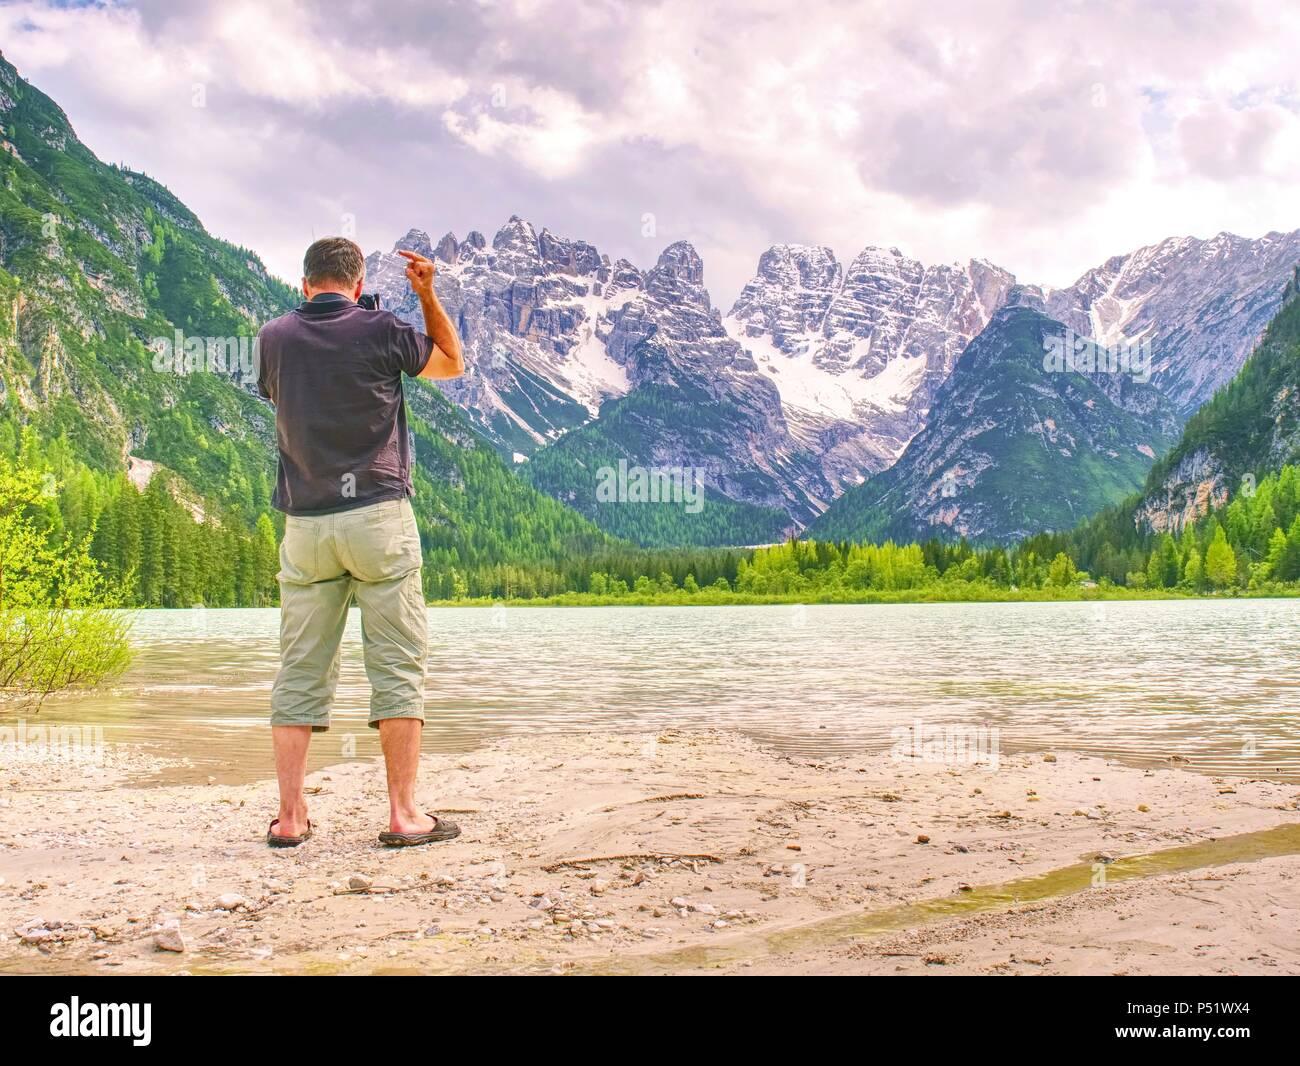 Mann Wanderer ist unter Foto des Schiffes bei Mountain Lake Shore. Silhouette in Angeln paddeln Boot am See Küste. Stockbild